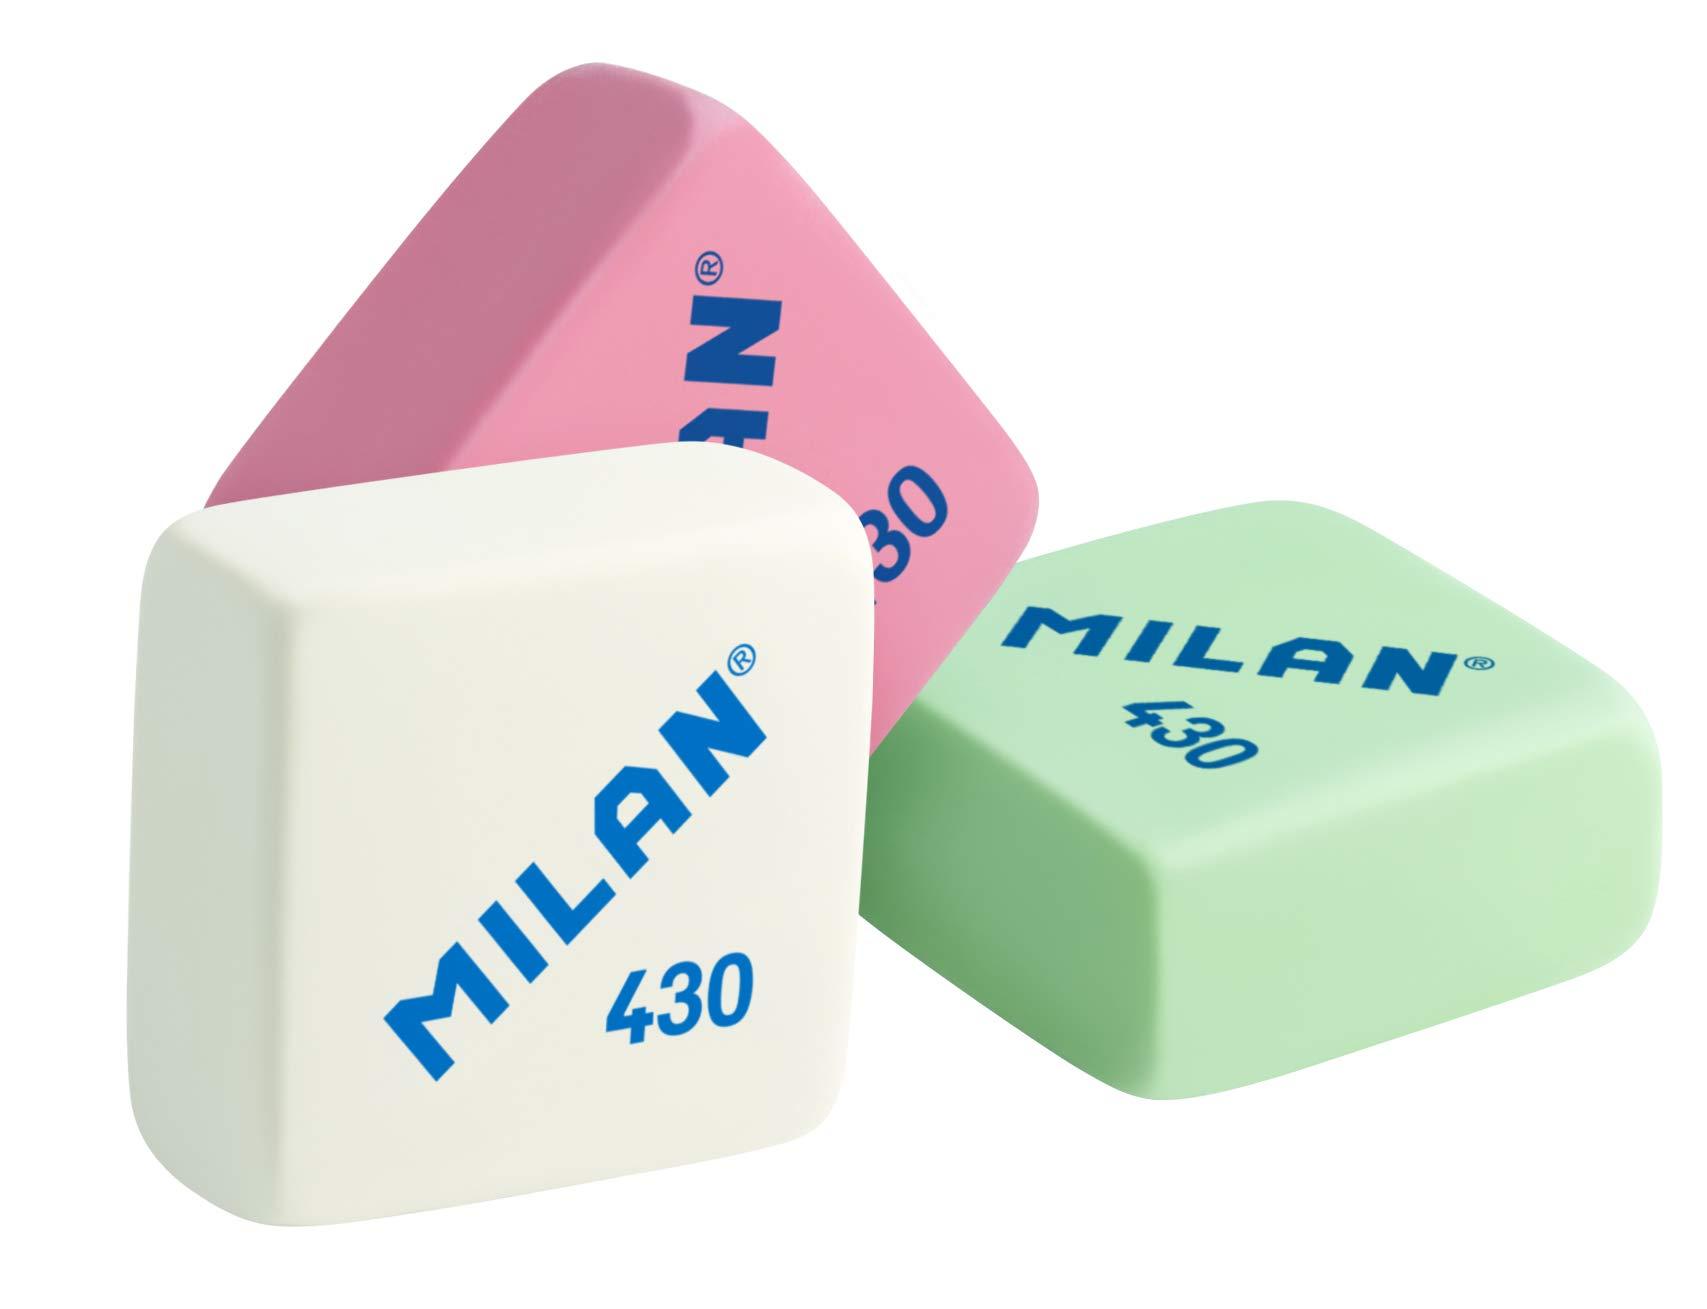 Milan 430 - Caja de 30 gomas de borrar, miga de pan product image